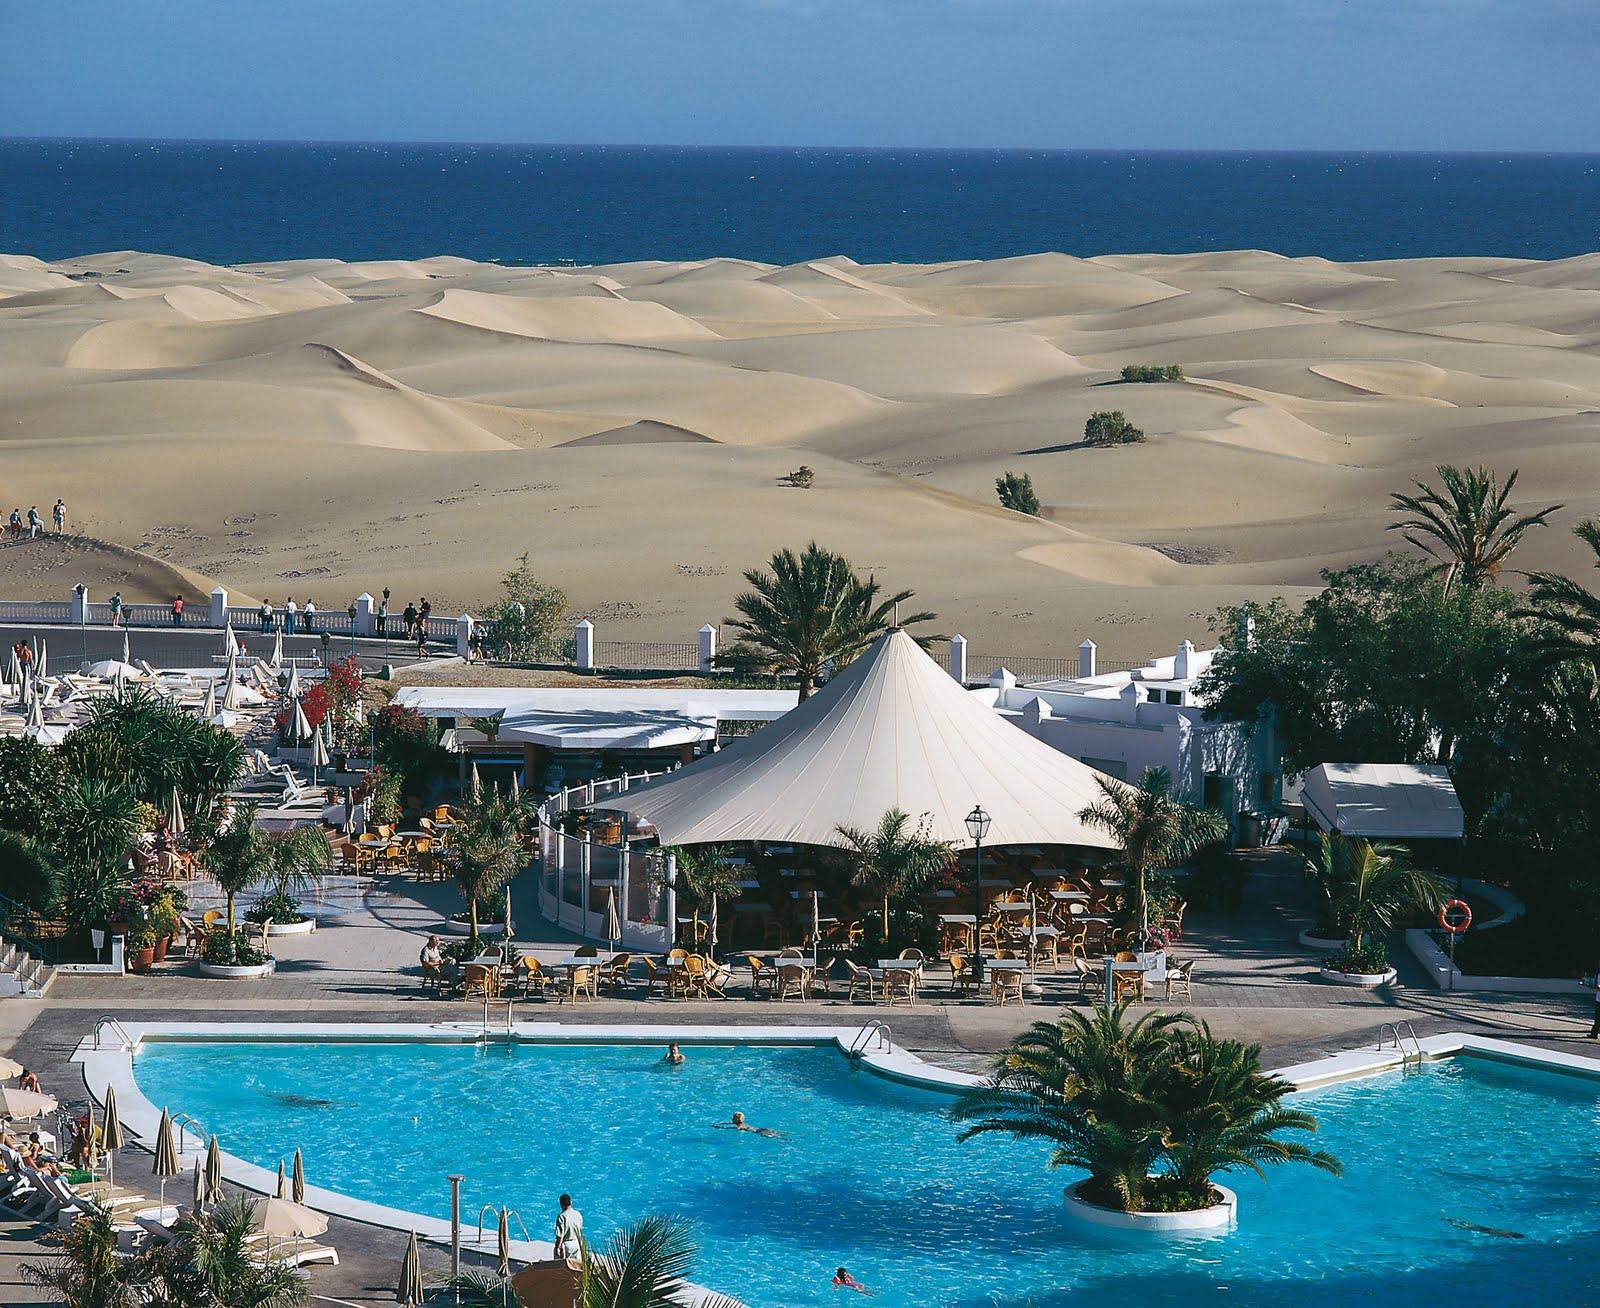 Hotels Maspalomas Gran Canaria All Inclusive